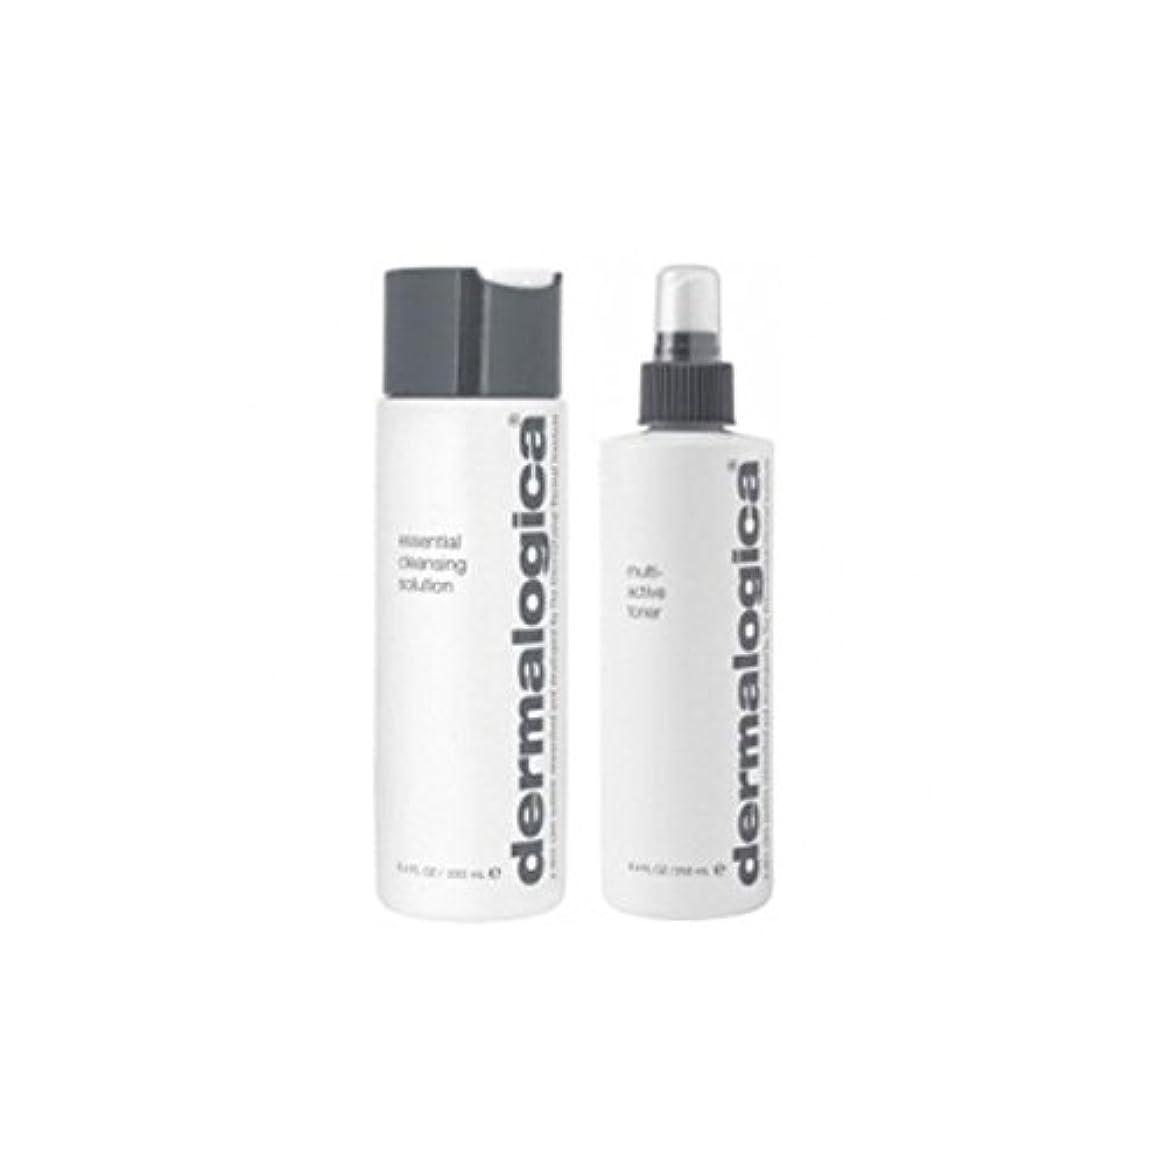 学士照らすストライドダーマロジカクレンジング&トーンデュオ - 乾燥肌 x4 - Dermalogica Cleanse & Tone Duo - Dry Skin (Pack of 4) [並行輸入品]